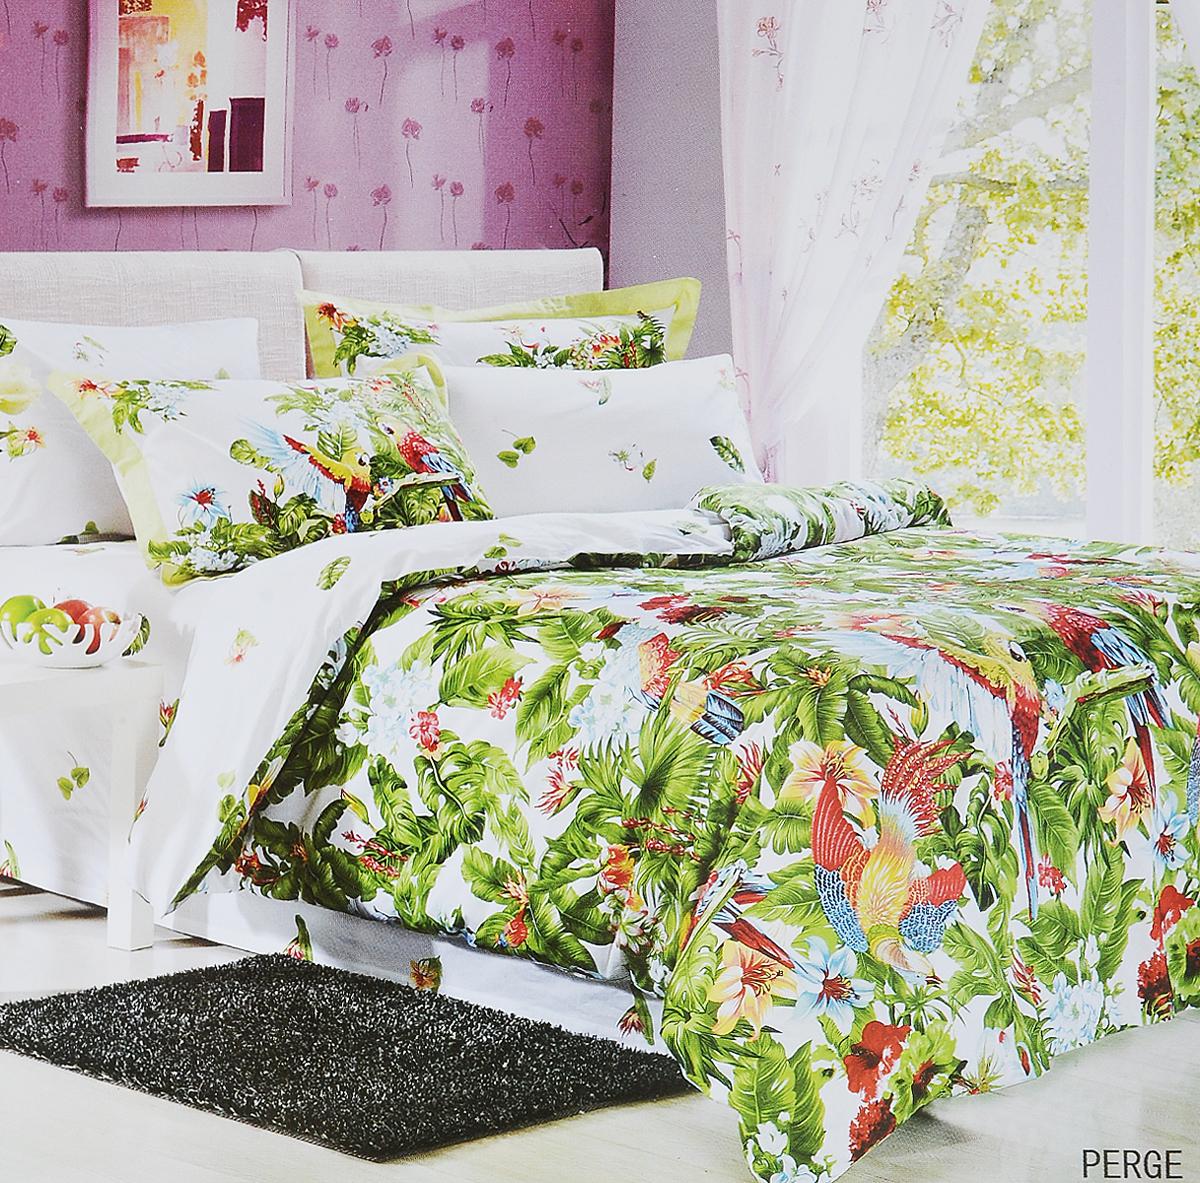 Комплект белья Le Vele Perge, 2-спальный, наволочки 50х70740/91Комплект постельного белья Le Vele Perge, выполненный из сатина (100% хлопка), создан для комфорта и роскоши. Комплект состоит из пододеяльника, простыни и 4 наволочек. Постельное белье оформлено оригинальным рисунком. Пододеяльник застегивается на кнопки, что позволяет одеялу не выпадать из него. Сатин - хлопчатобумажная ткань полотняного переплетения, одна из самых красивых, прочных и приятных телу тканей, изготовленных из натурального волокна. Благодаря своей шелковистости и блеску сатин называют хлопковым шелком. Приобретая комплект постельного белья Le Vele Perge, вы можете быть уверены в том, что покупка доставит вам и вашим близким удовольствие и подарит максимальный комфорт.